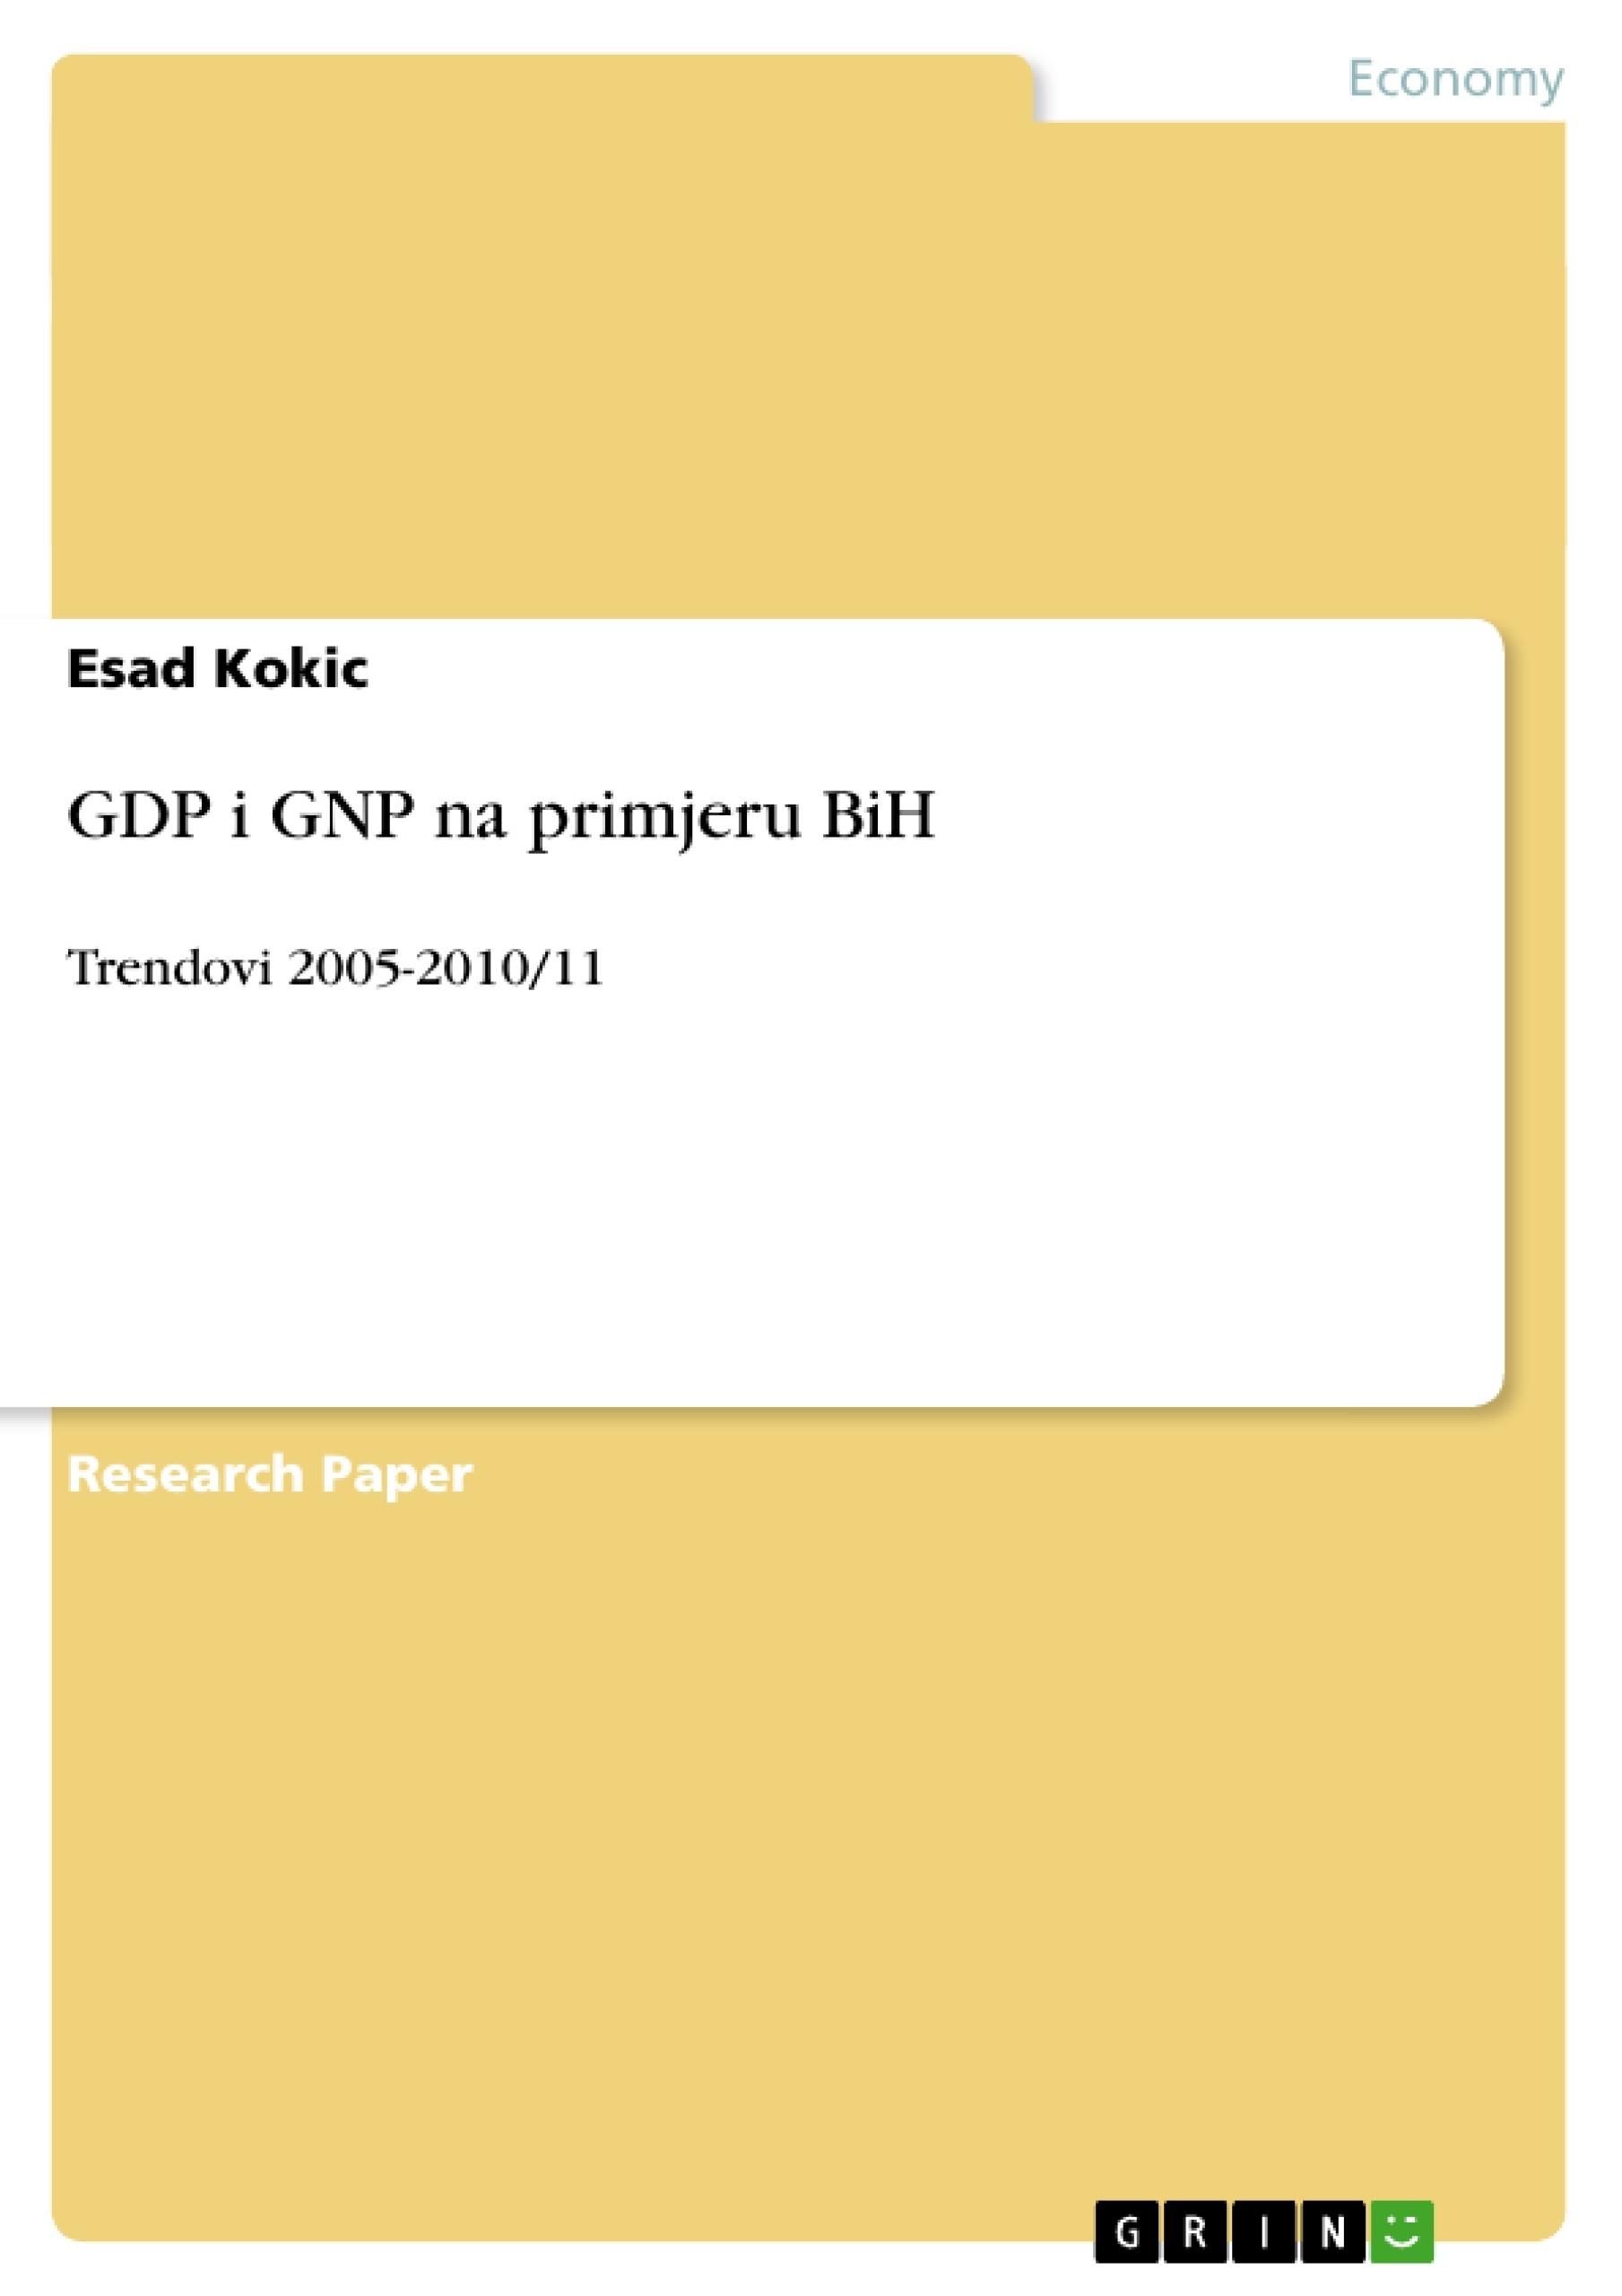 Title: GDP i GNP na primjeru BiH